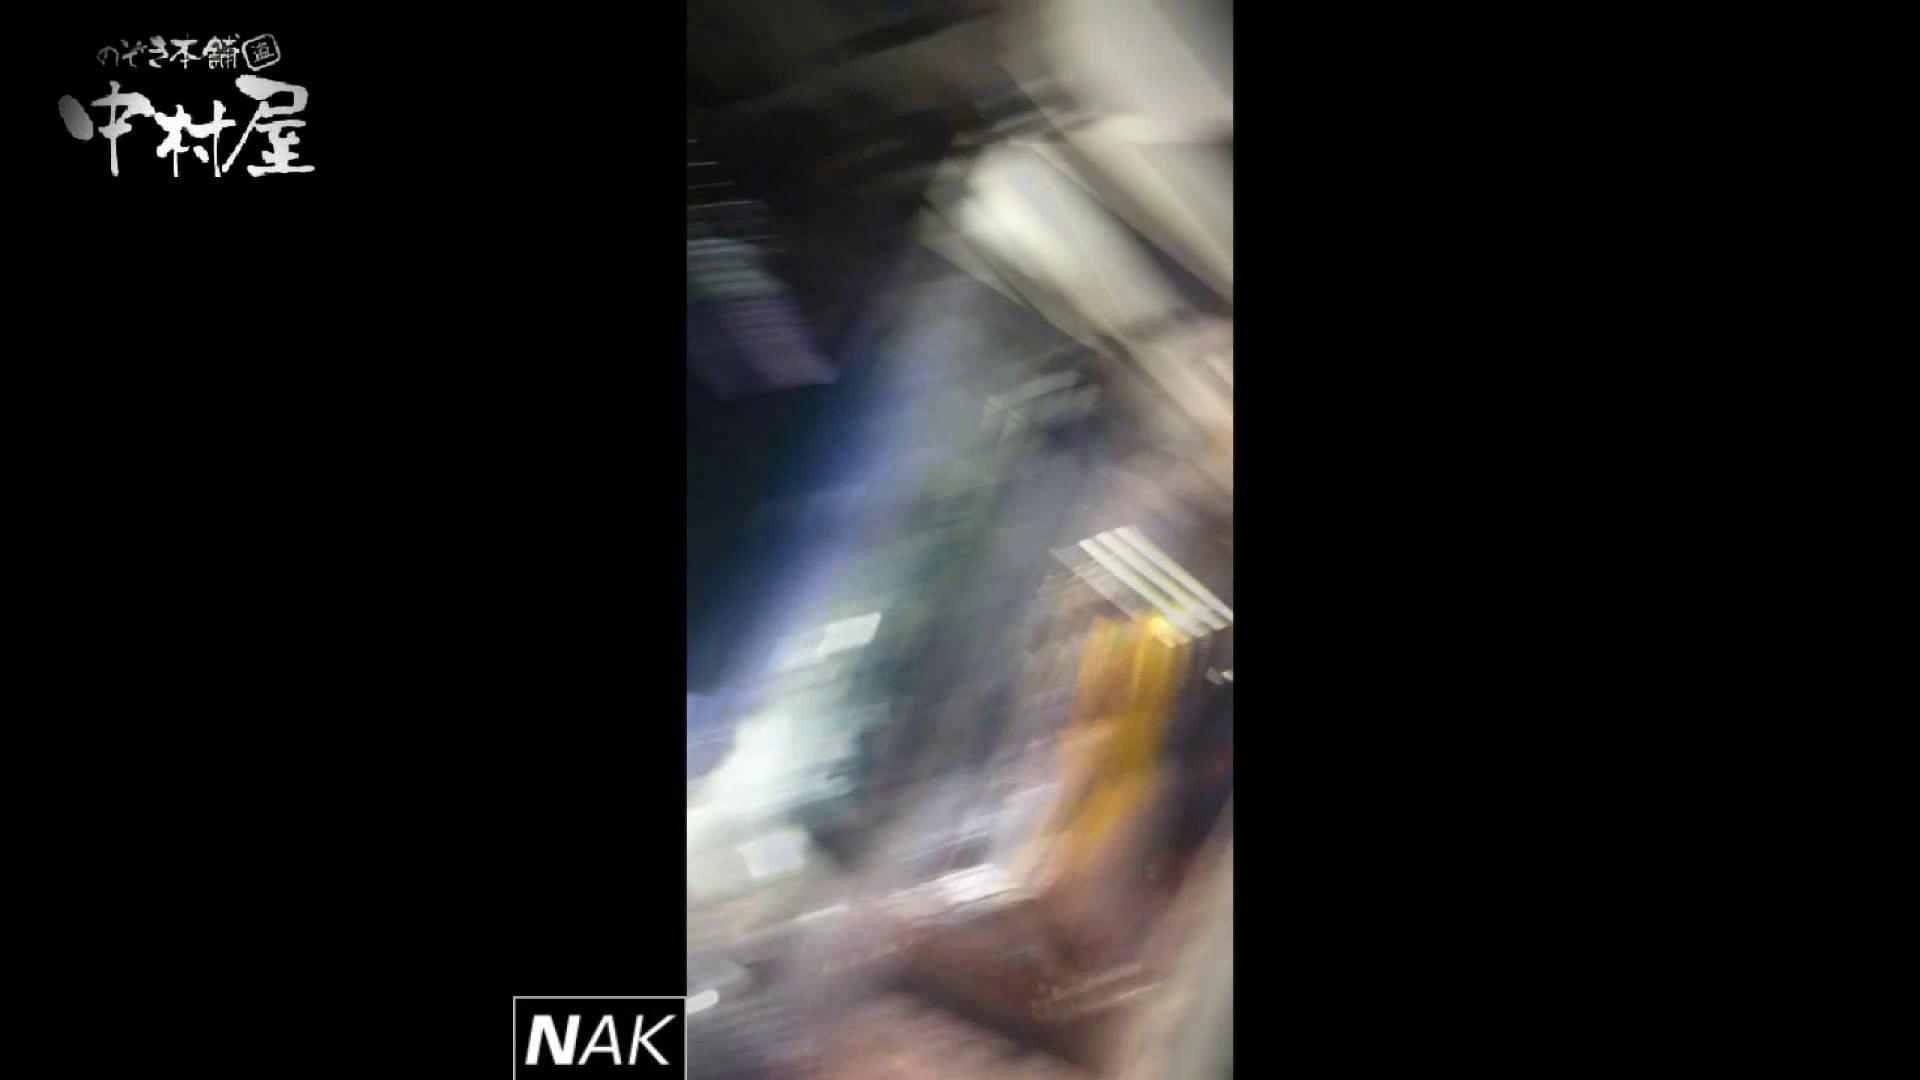 ハイビジョン盗撮!ショップ店員千人斬り!パンチラ編 vol.40 パンチラ AV無料動画キャプチャ 90PIX 53